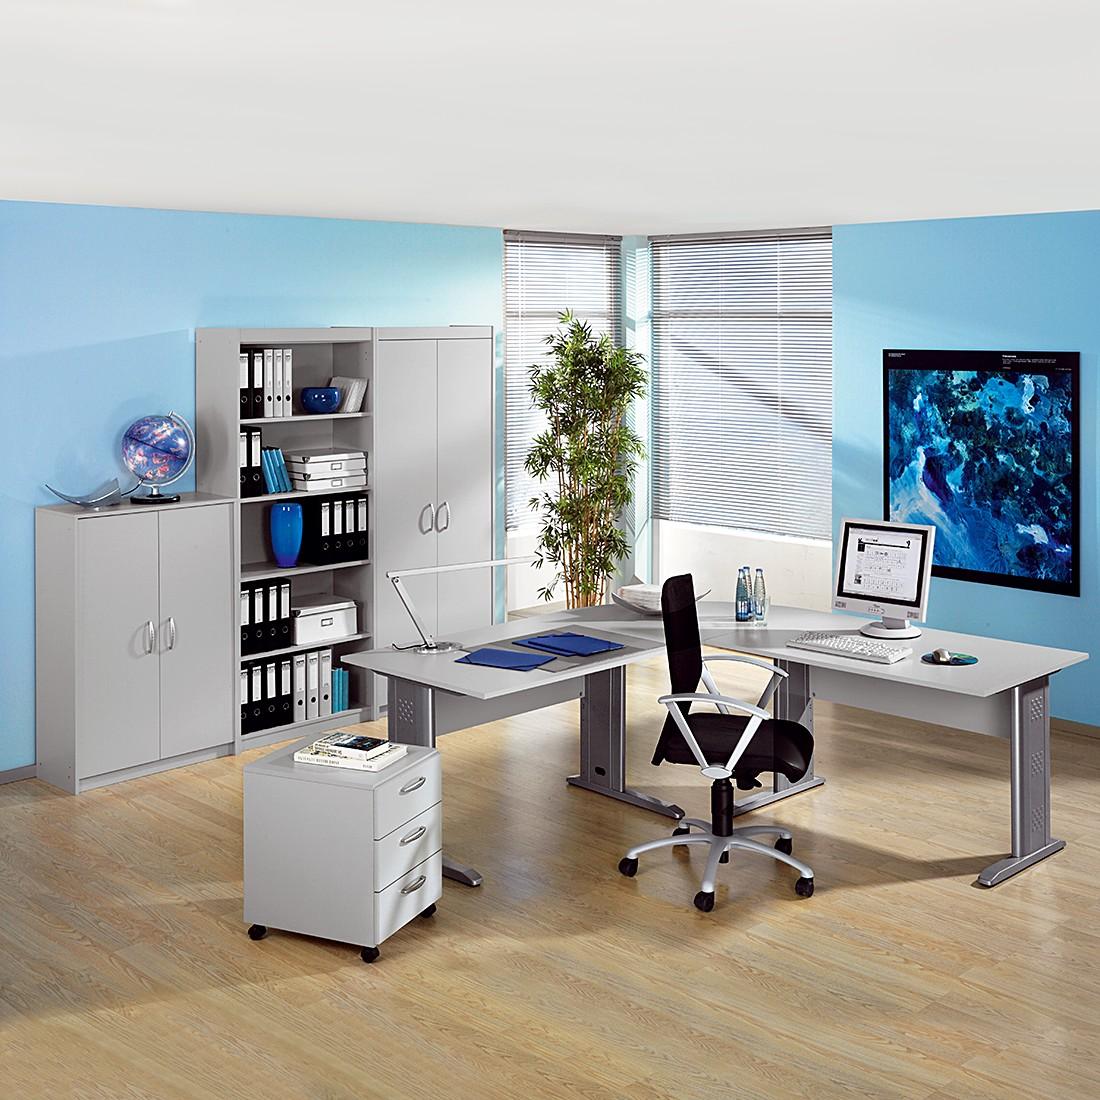 Büromöbel online günstig kaufen über shop24.at   shop24